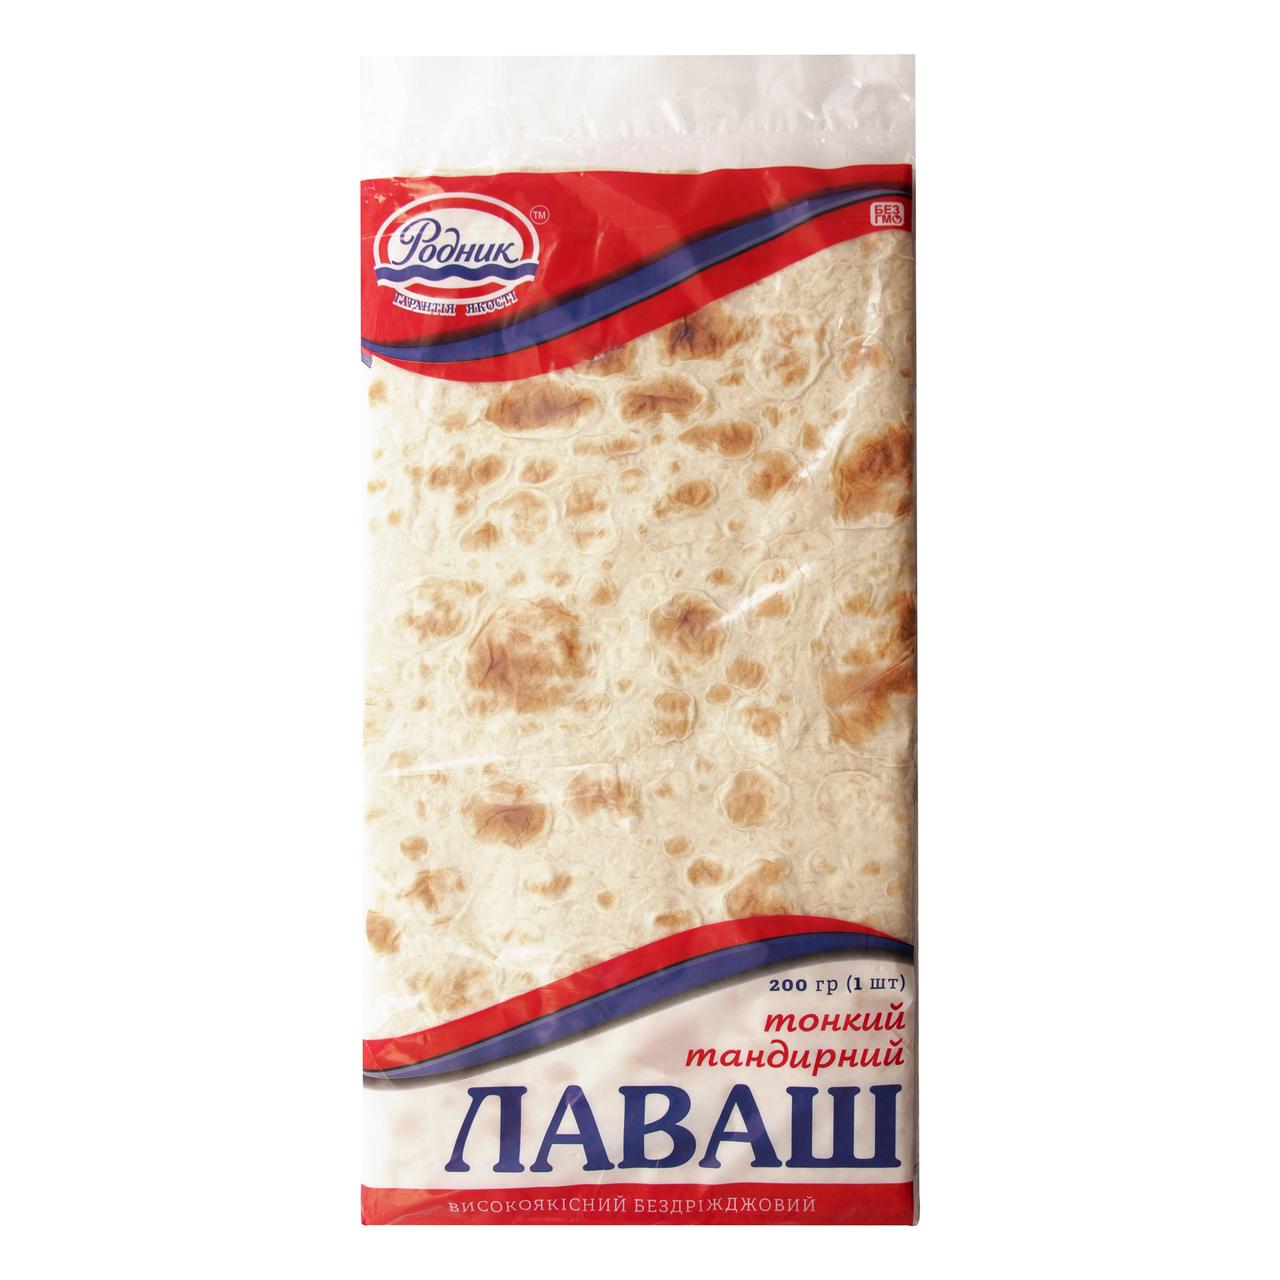 РОДНИК ЛАВАШ ТАНДИРН. 200Г